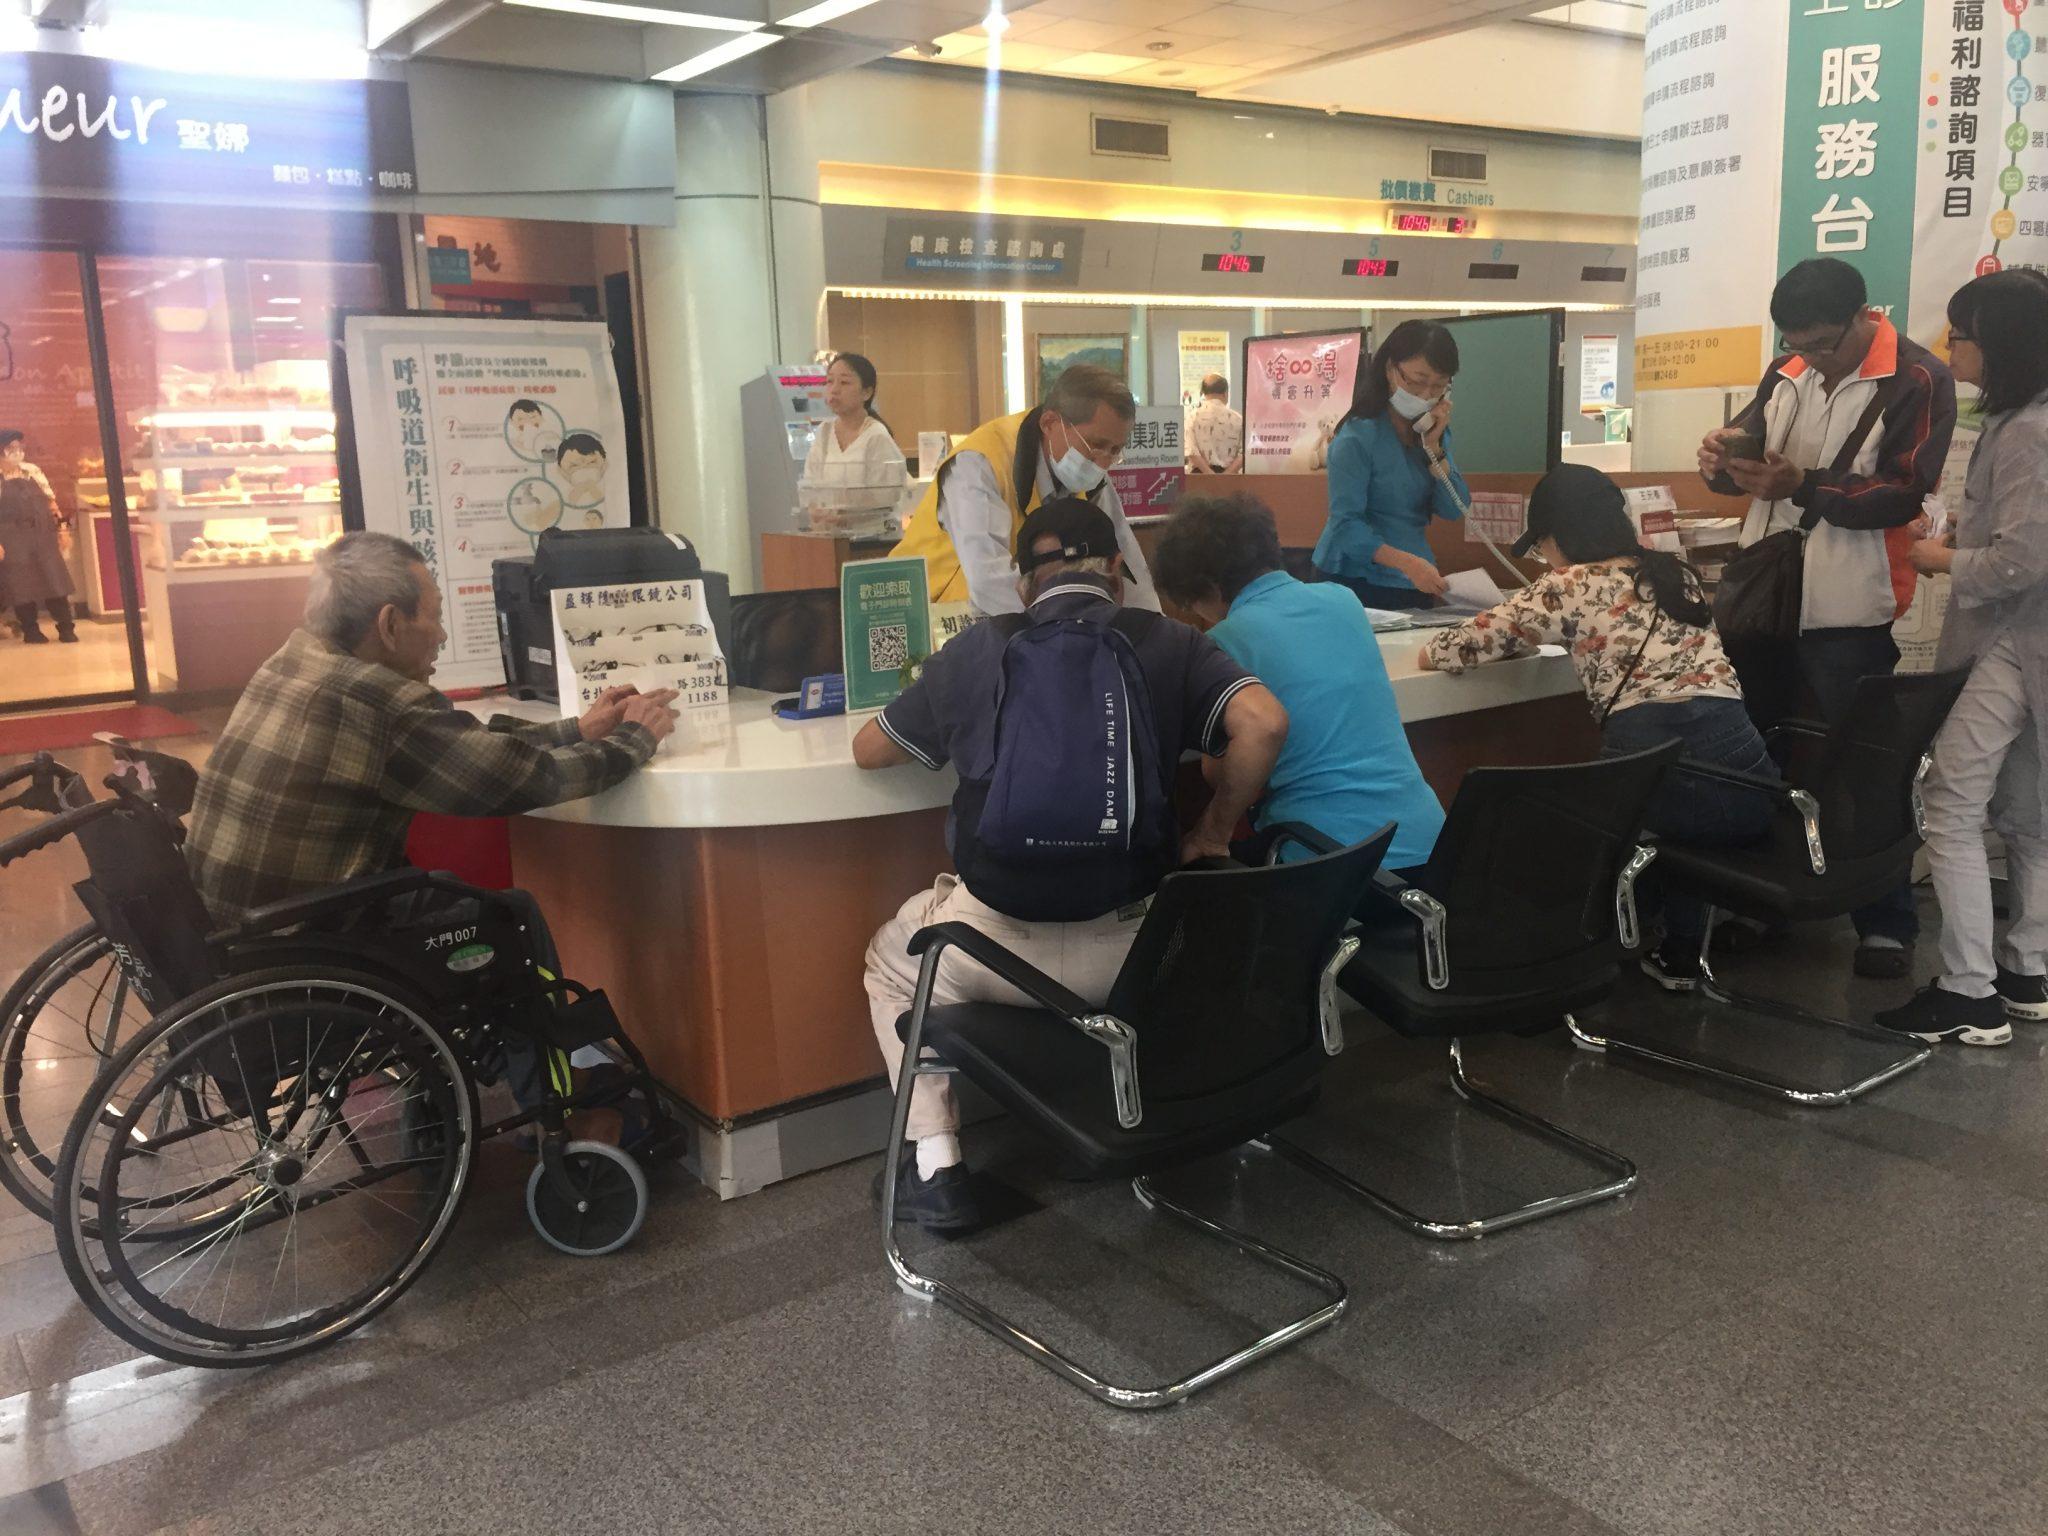 臺北市立萬芳醫院的服務櫃檯有預留輪椅使用者置腳空間,便於其靠近。